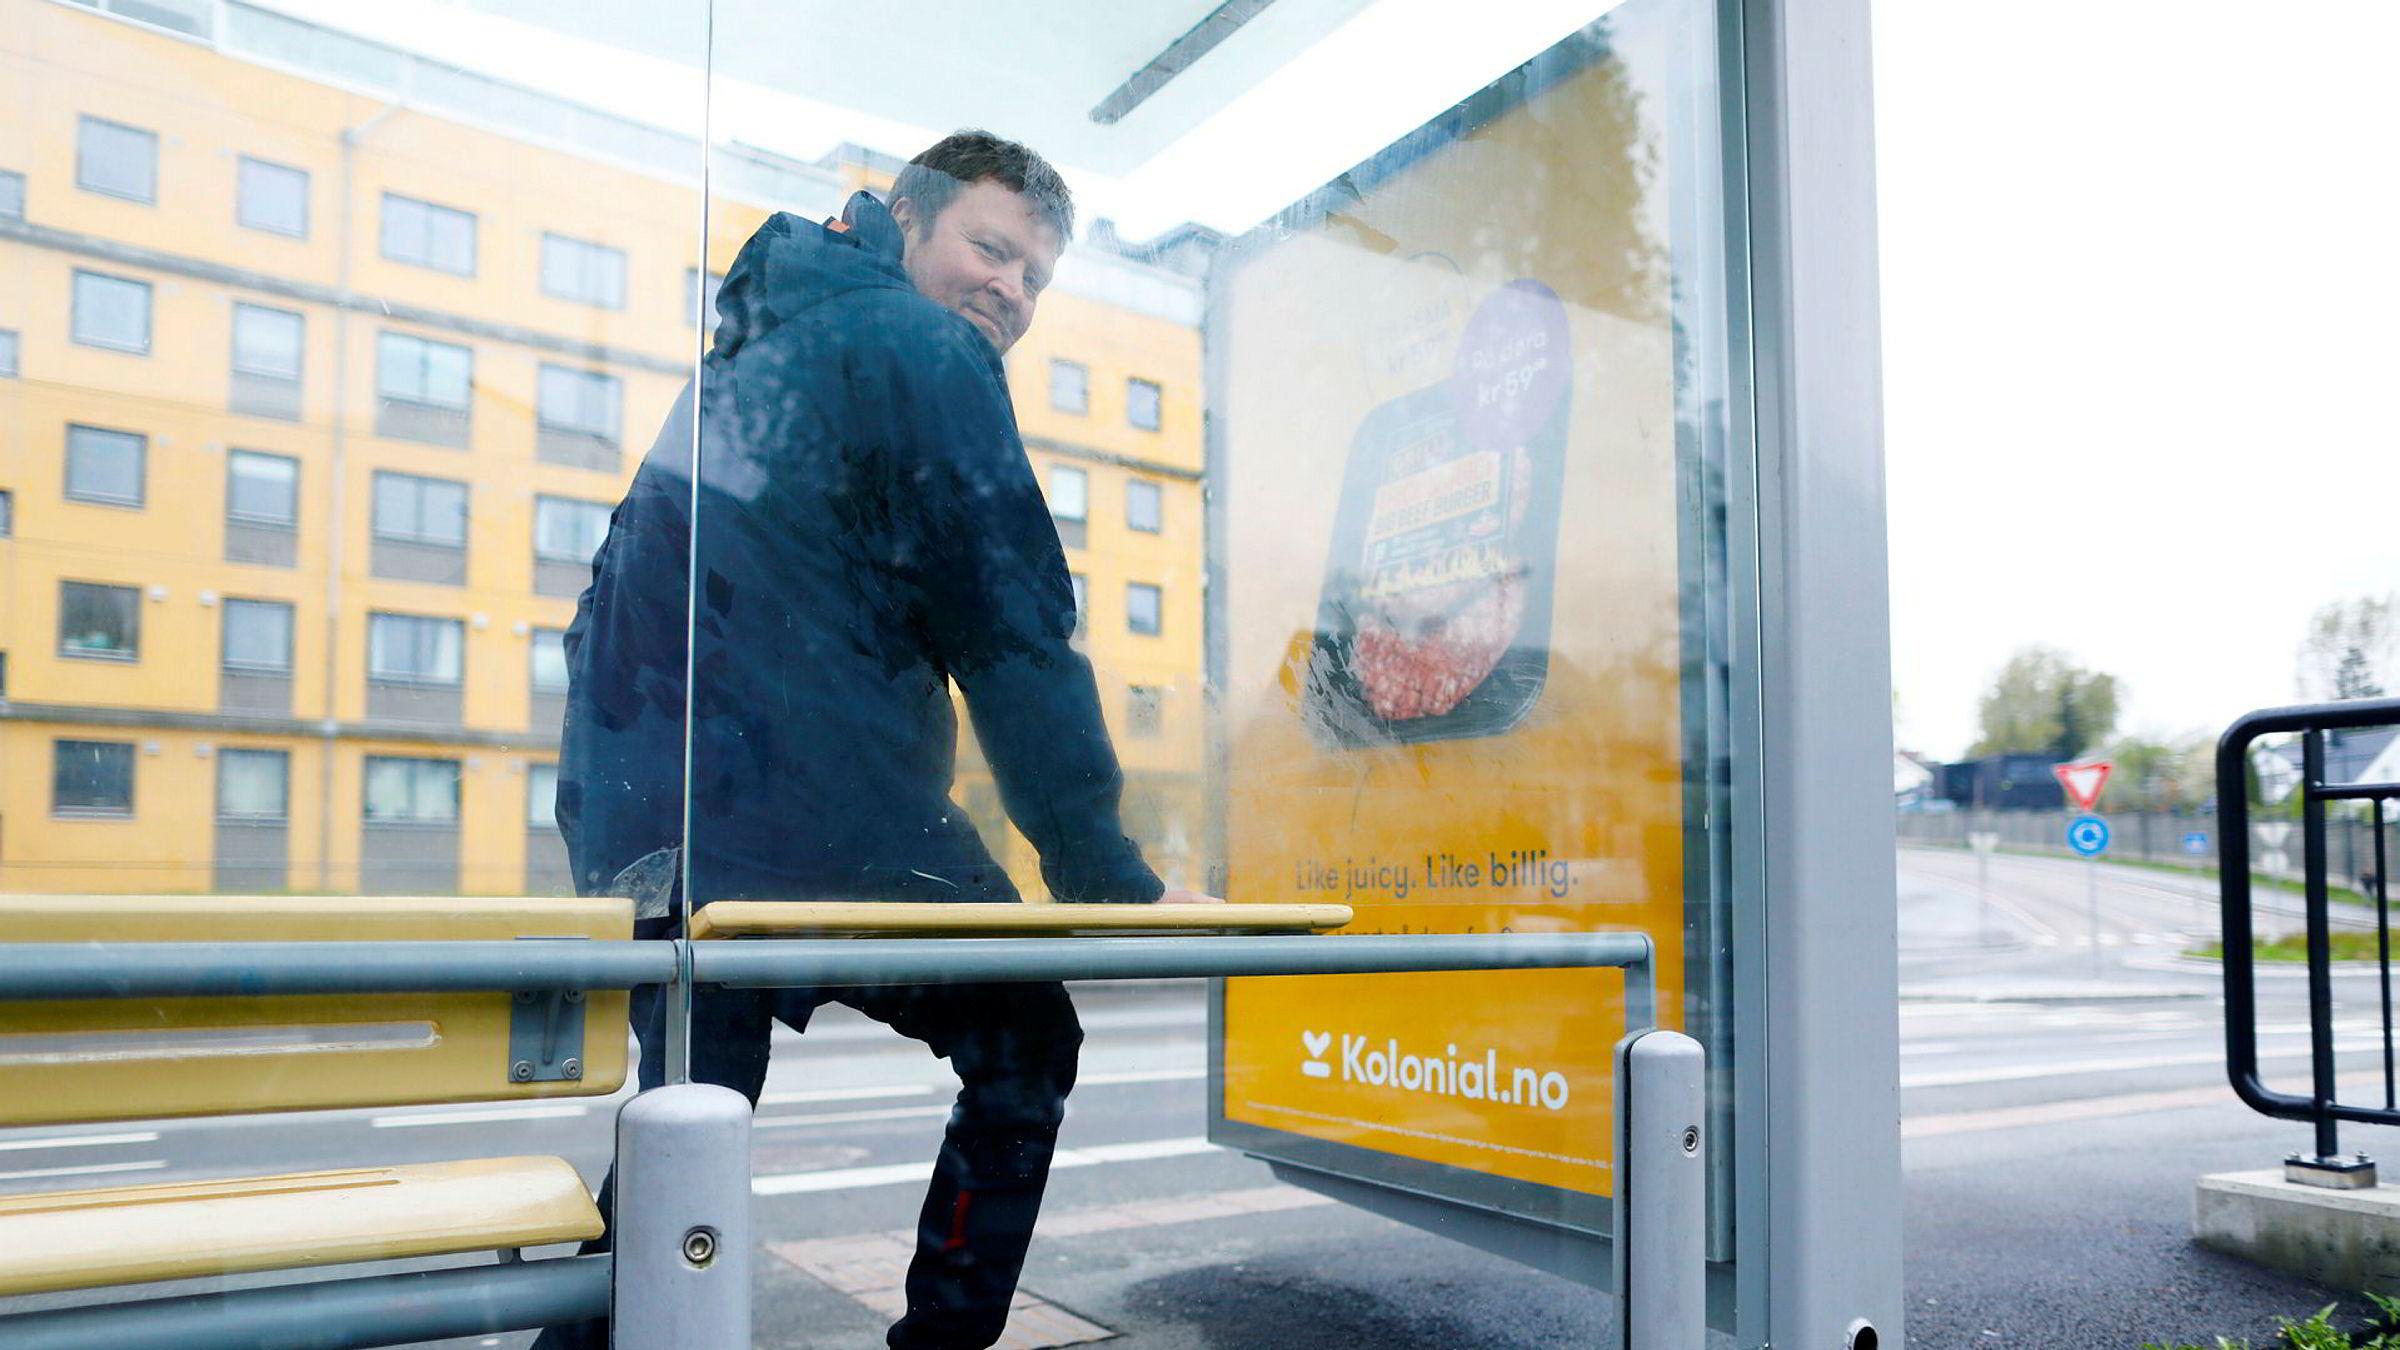 Markedsdirektør Jo-Øystein Slinde er fornøyd med at annonsørene velger mer utendørsreklame- og plakater. Foto: Gunnar Blöndal